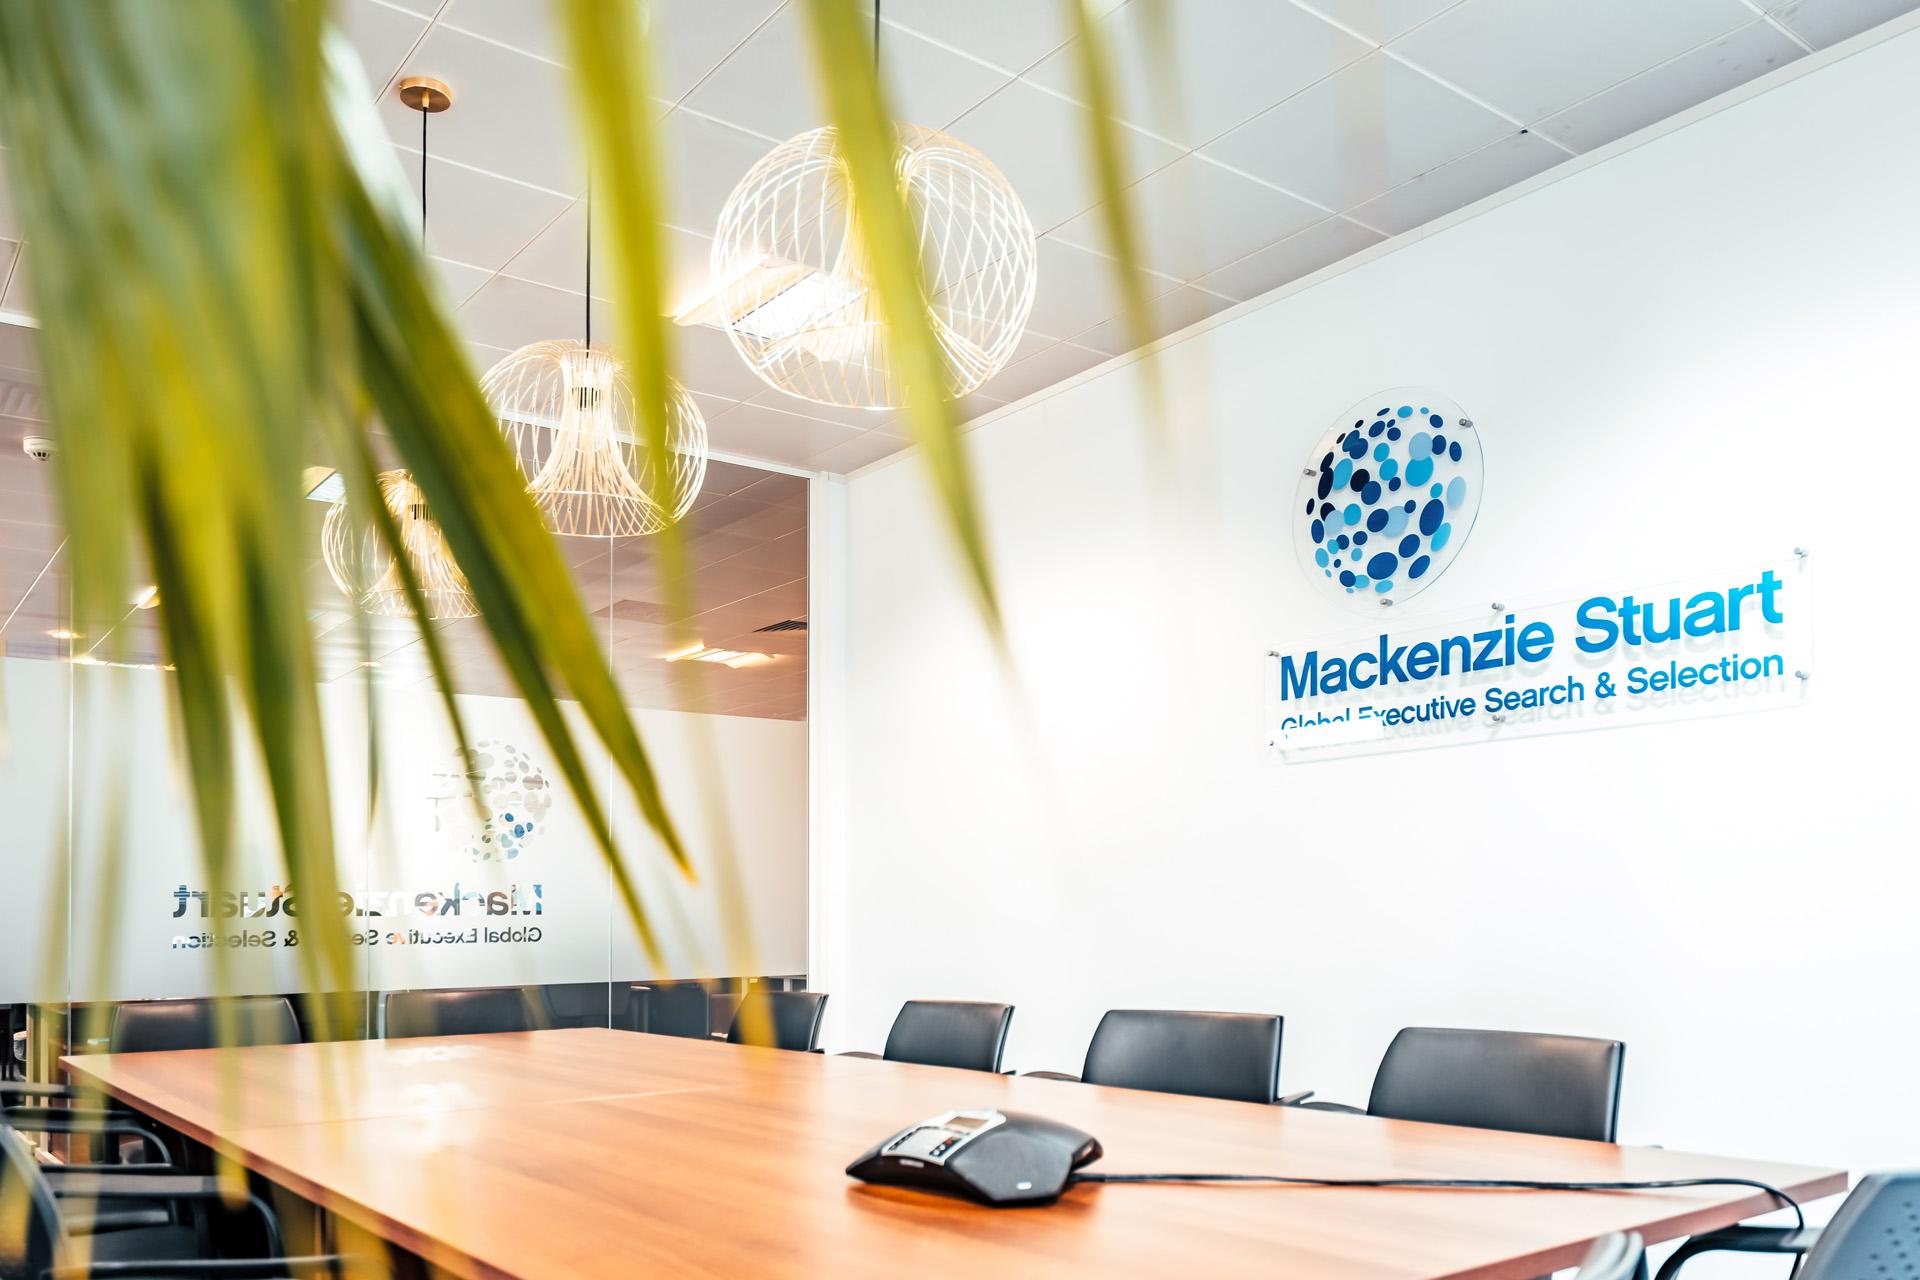 Mackenzie-Stuart-2018-2-2-14.jpg